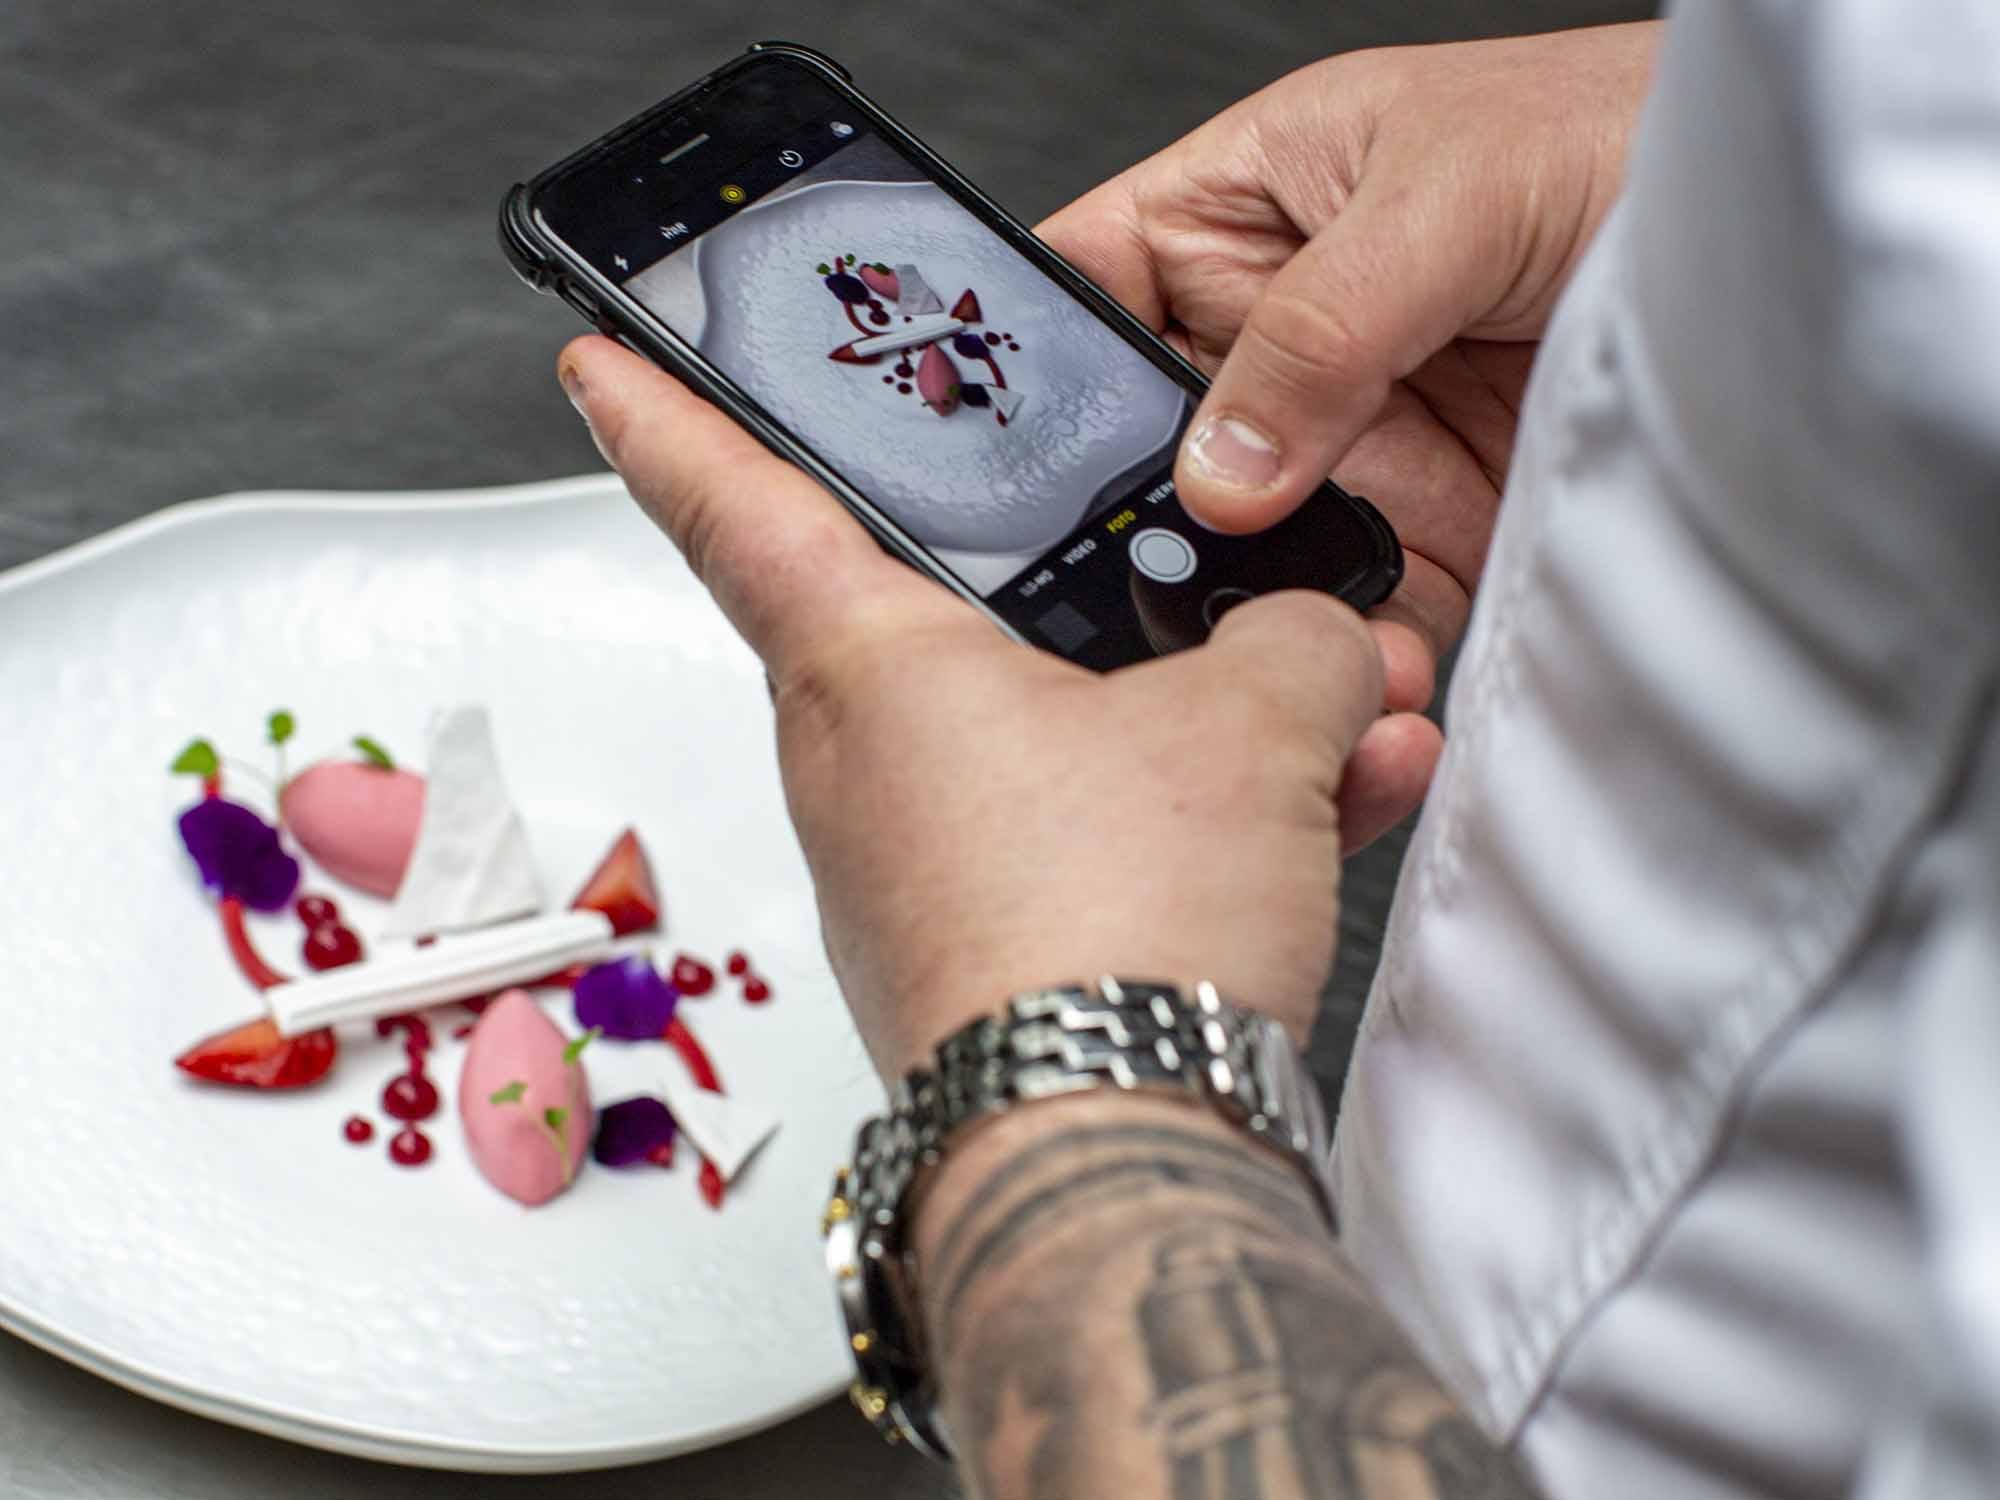 trends social media 2020 restaurants